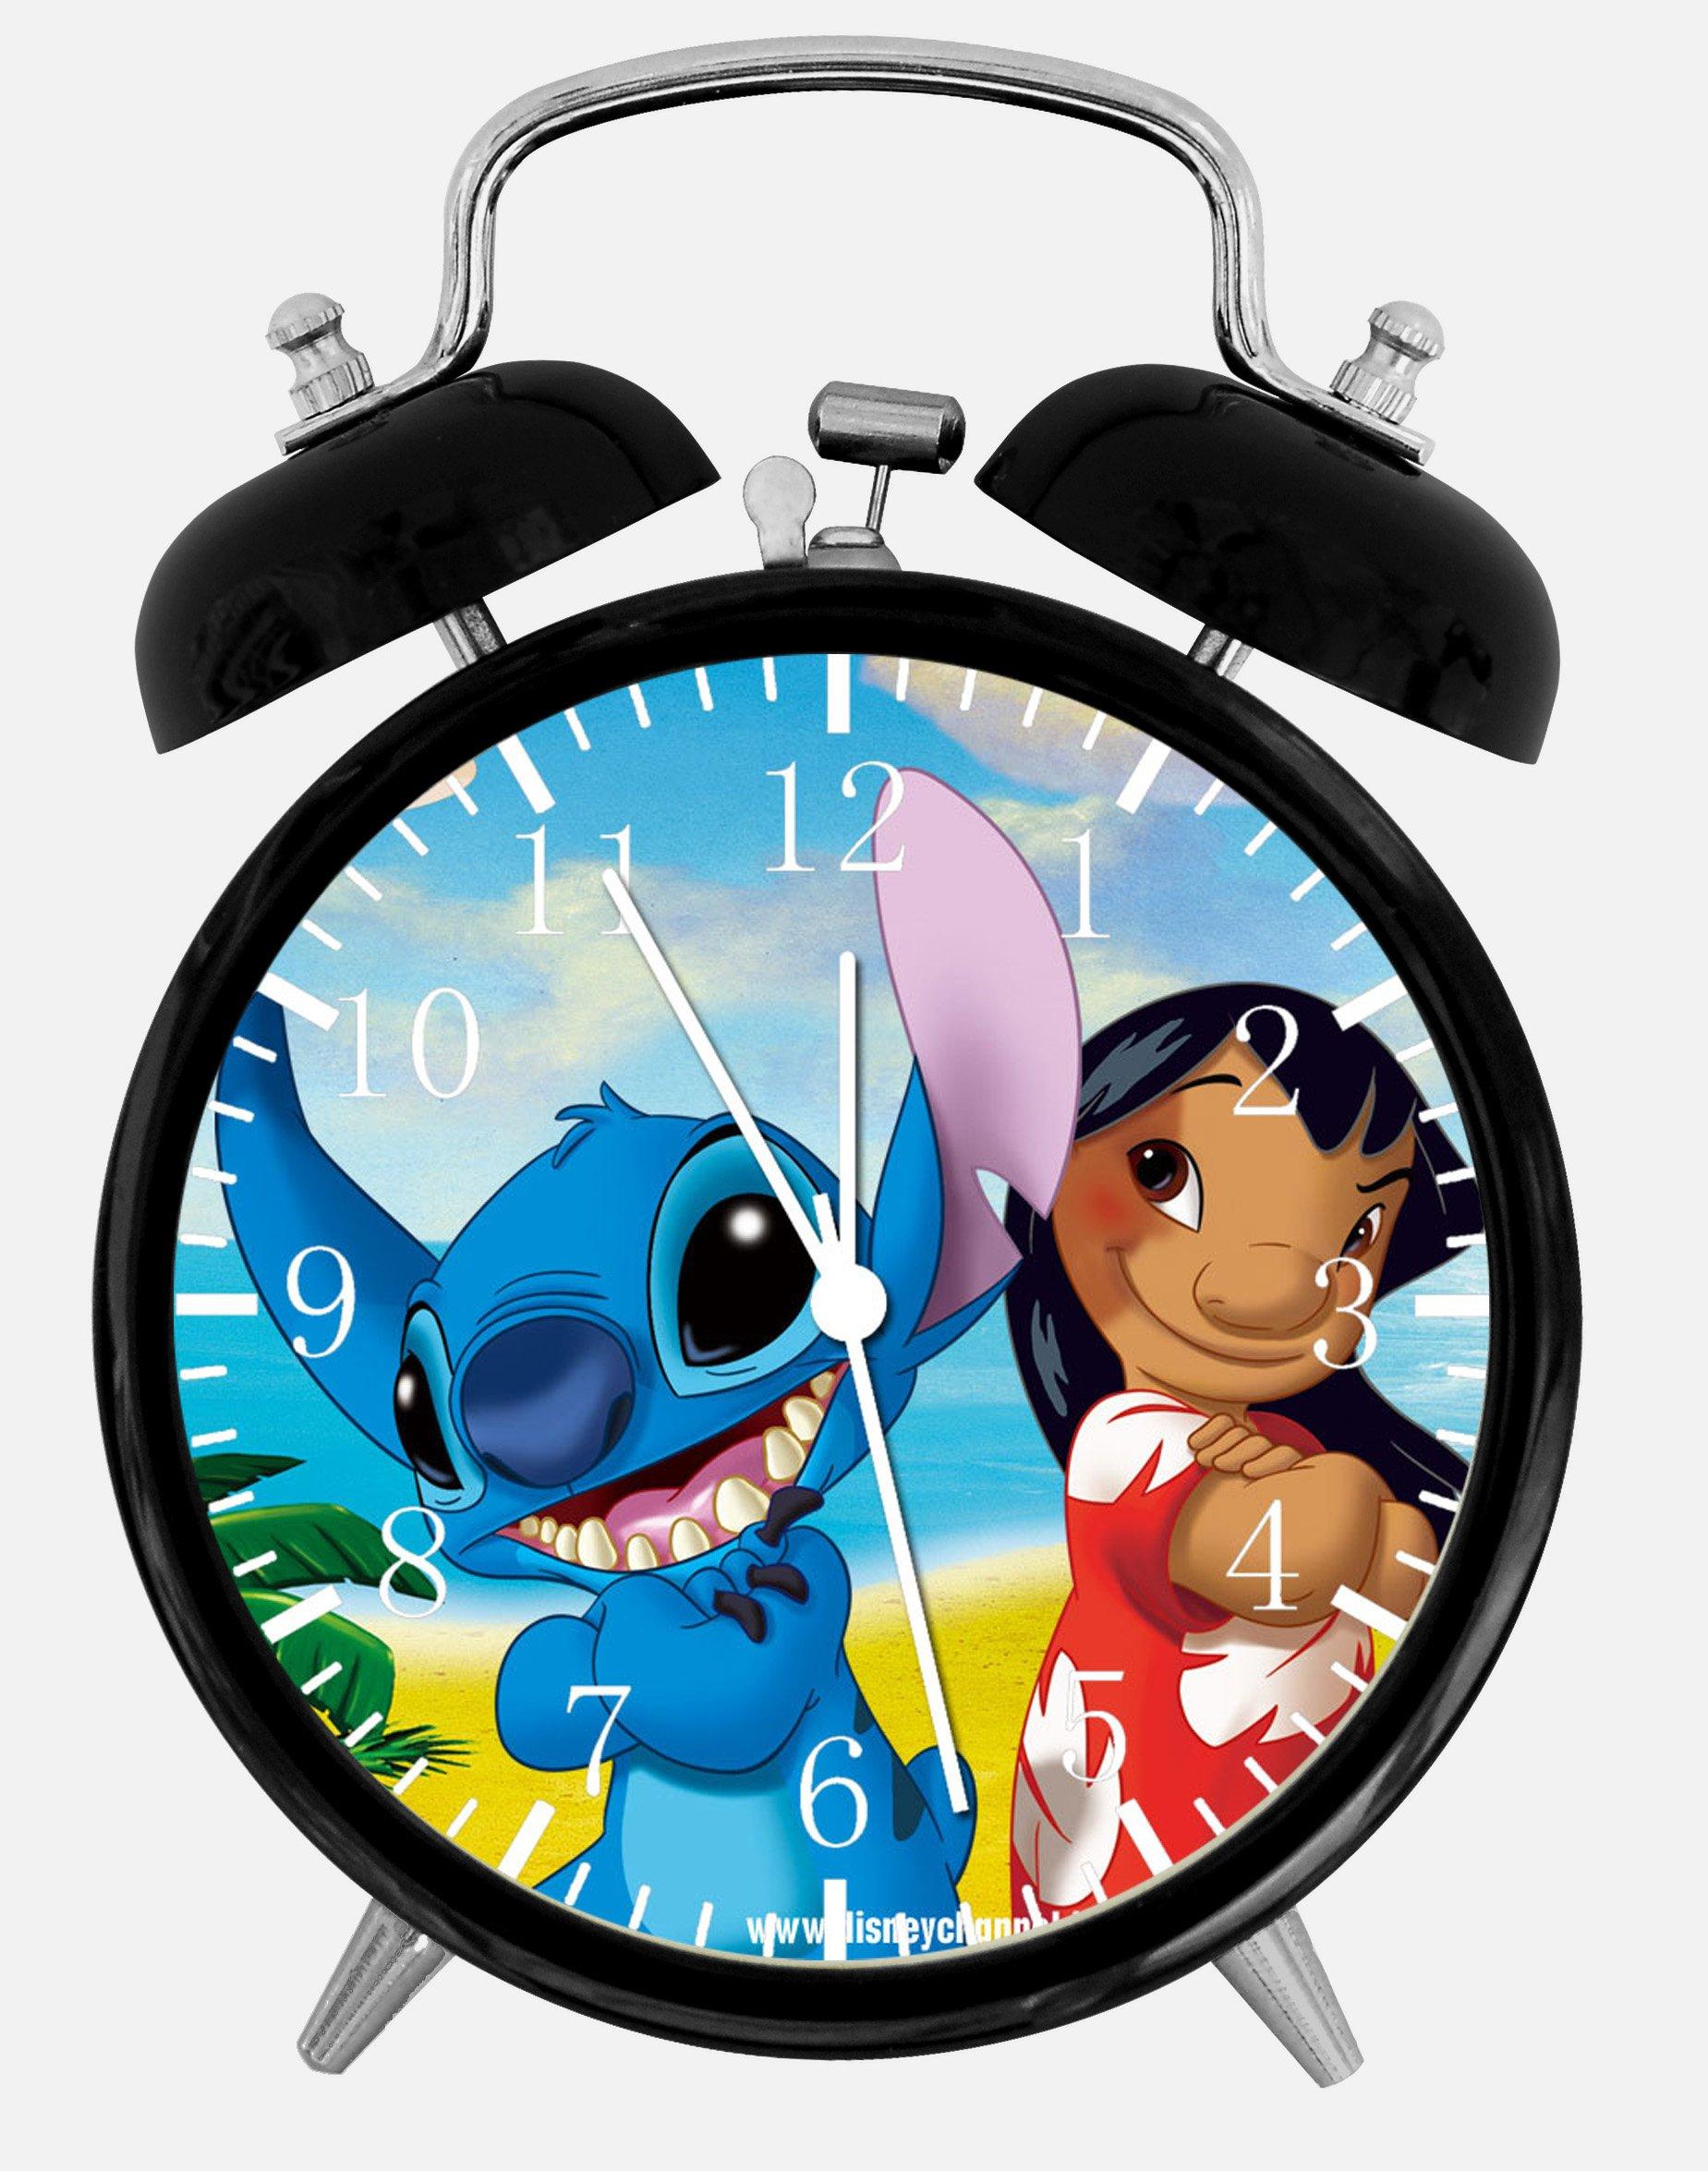 Lilo & Stitch Alarm Desk Clock 3.75'' Home or Office Decor E155 Nice For Gift